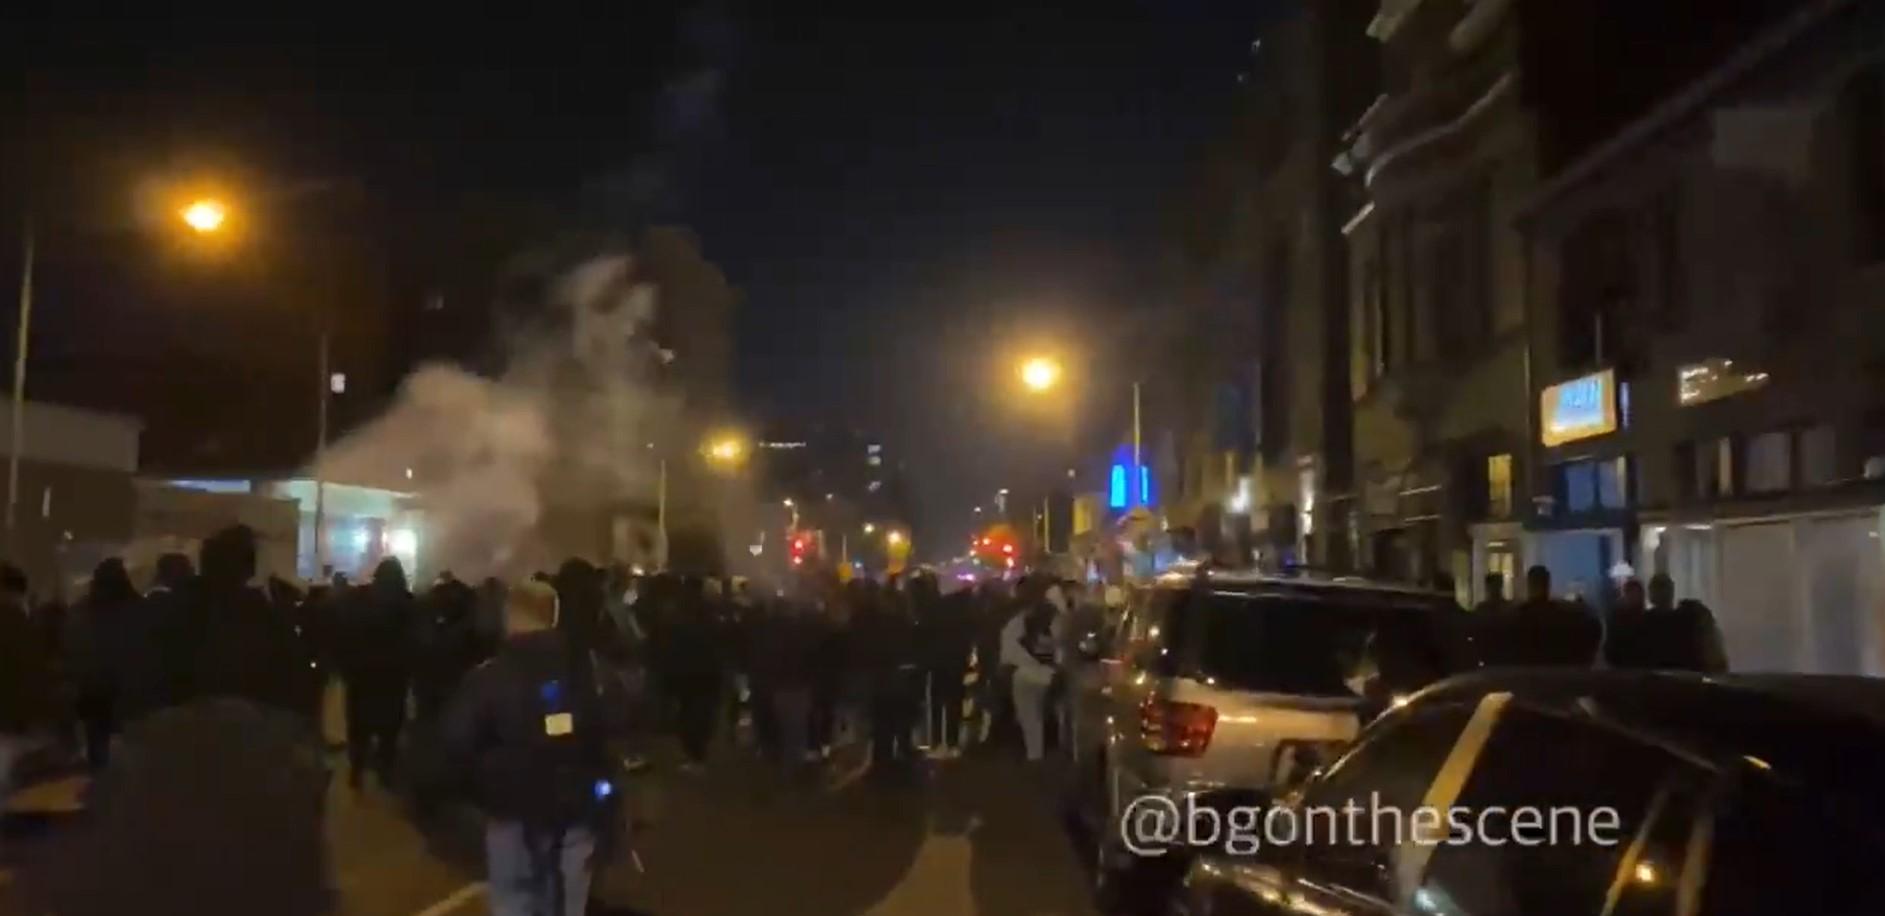 Reifen aufgeschlitzt, Feuerwerk auf Gebäude geschossen, Demonstranten mit Handfeuerwaffen [Video]